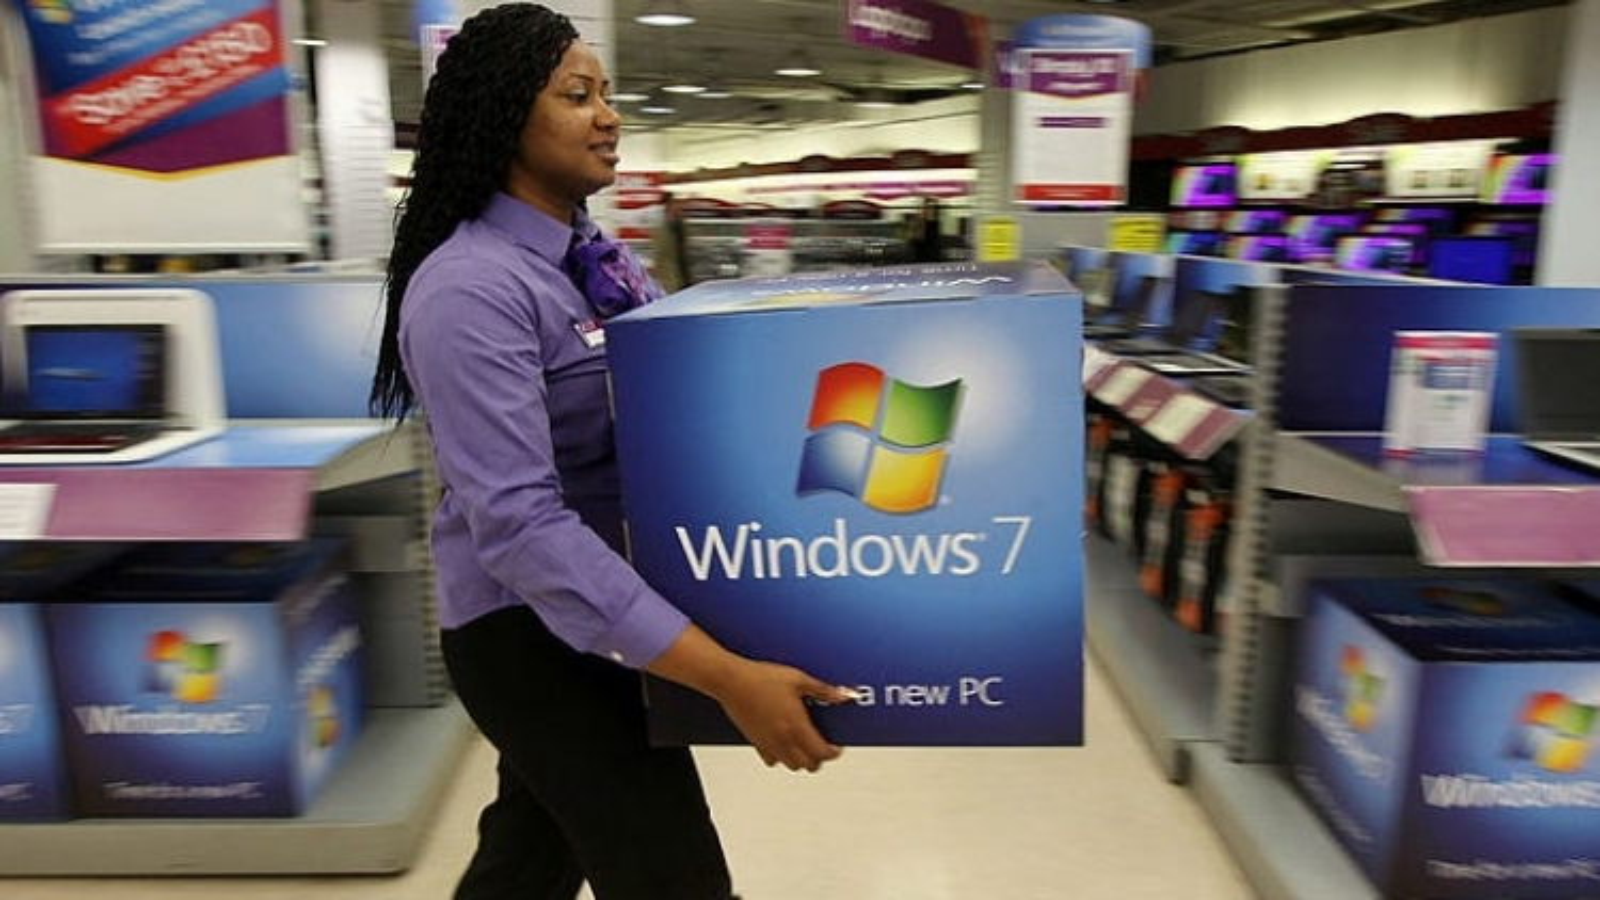 Đang có PC Windows 7, đừng ngại thử nâng cấp miễn phí lên Windows 10